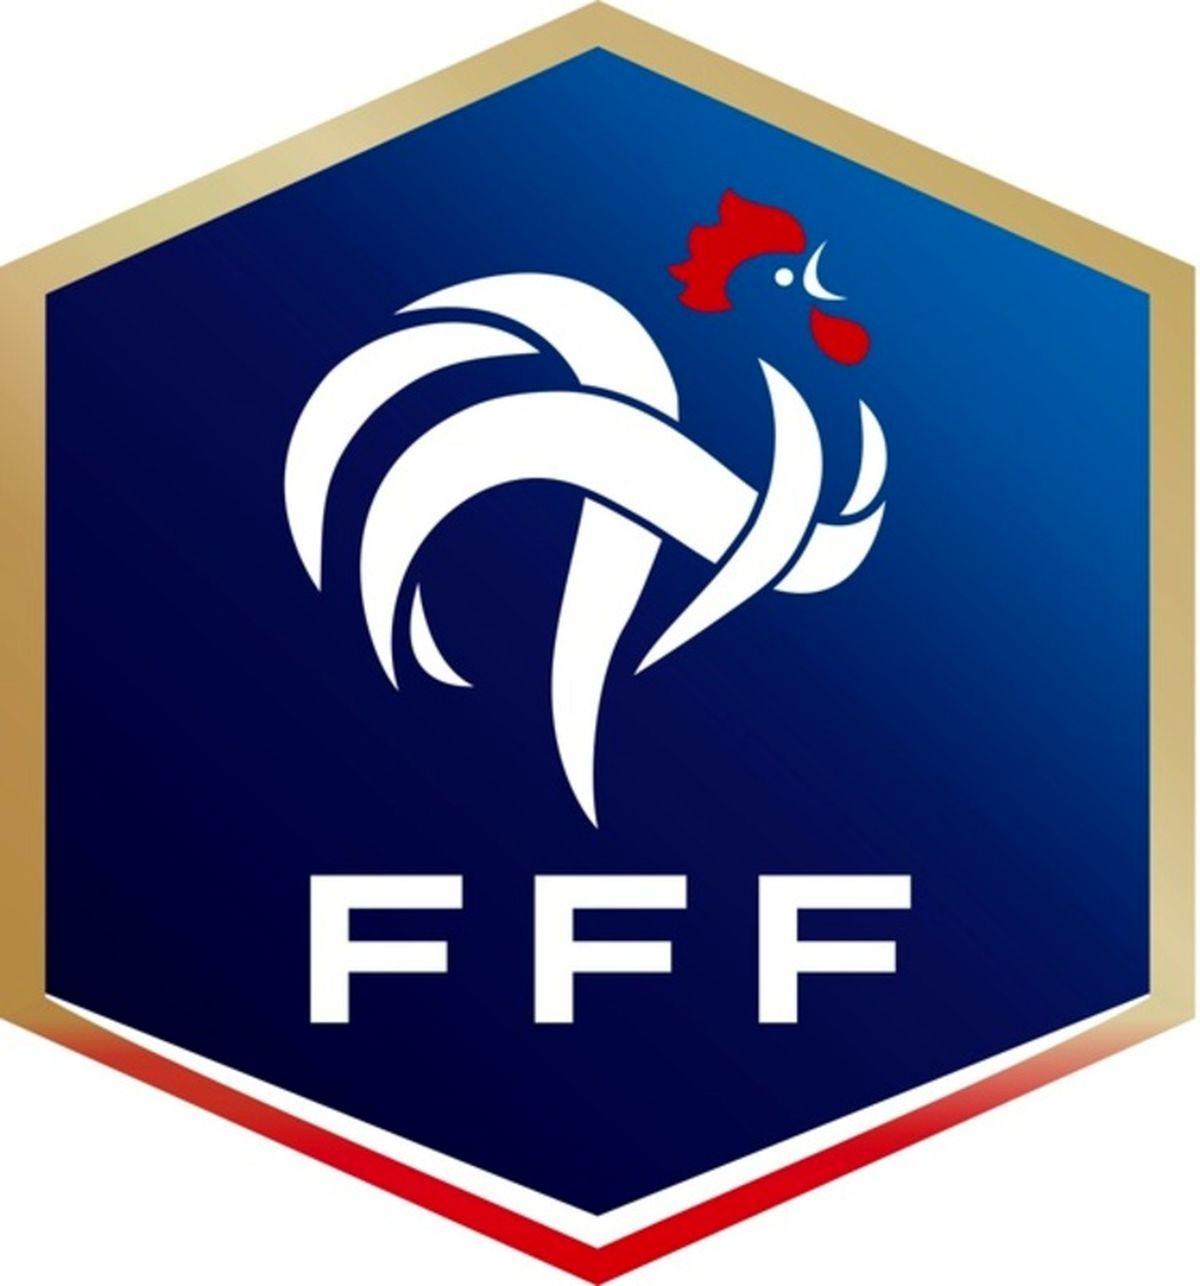 لغو تمامی رقابتهای فوتبالی فرانسه